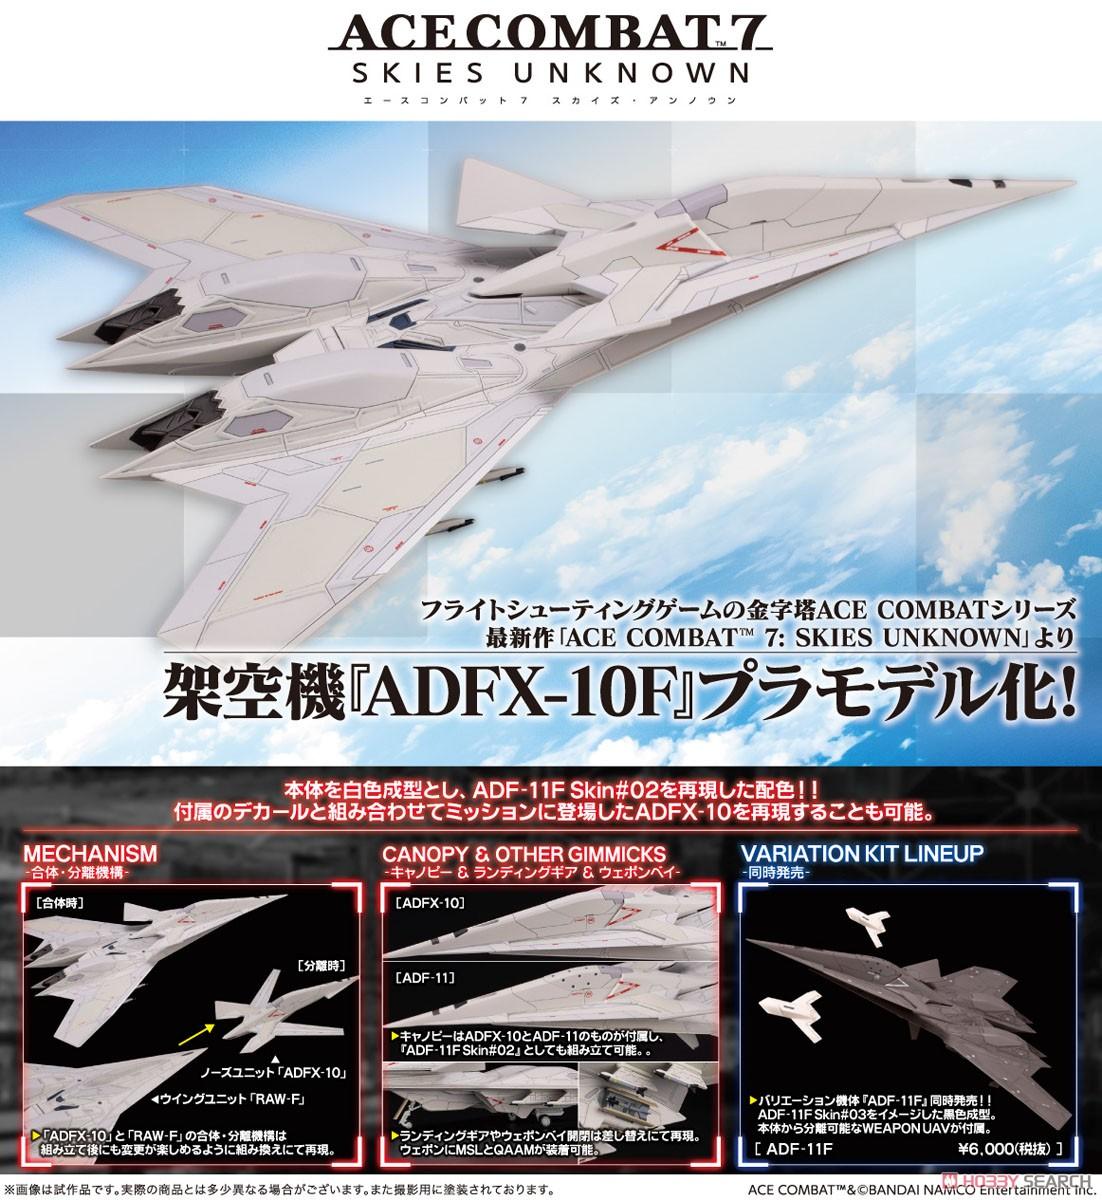 [Close] ADFX-10F (Plastic model) Item picture18